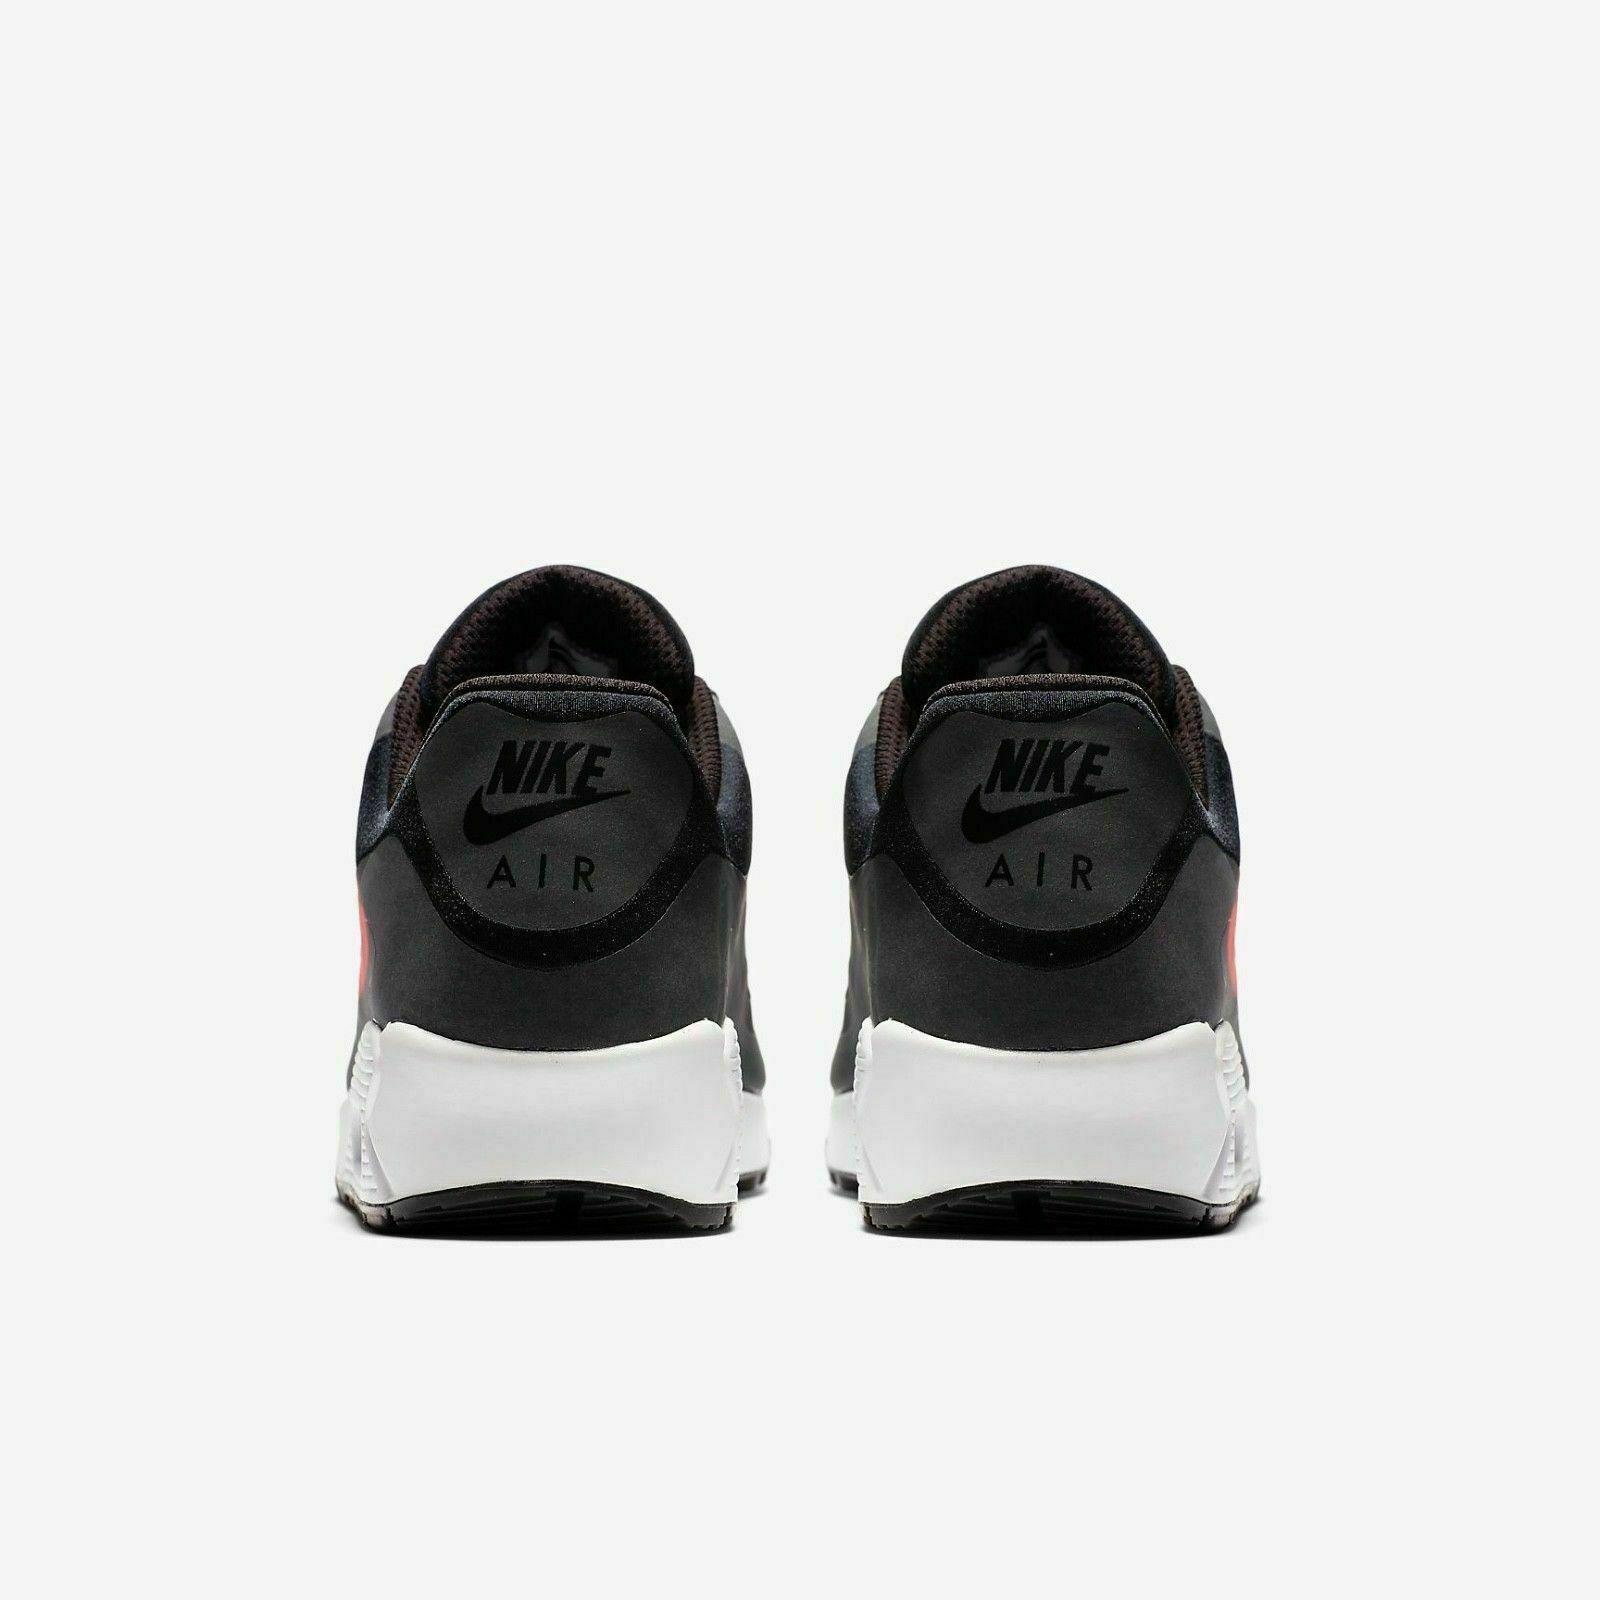 HOMME Nike Air Max 90 NS GPX Chaussures Noires Crimson AJ7182 003 Pdsf 150$